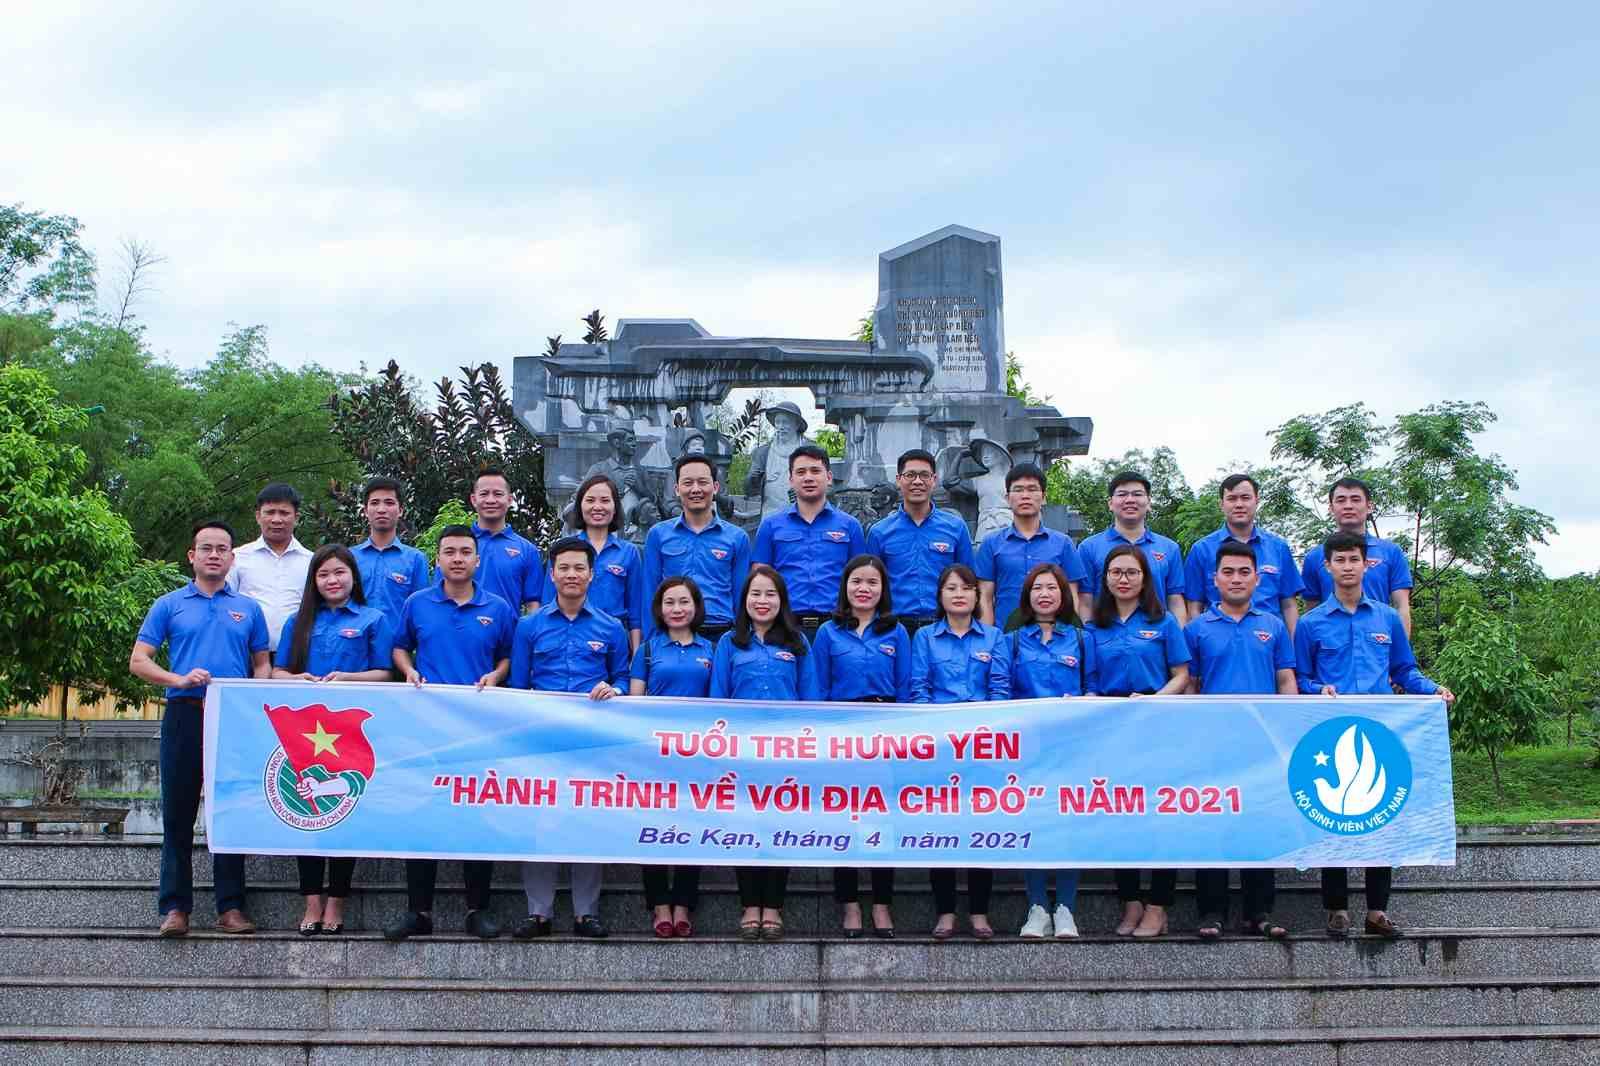 Tỉnh đoàn - Hội Sinh viên Việt Nam tỉnh thăm Khu di tích lịch sử Nà Tu tỉnh Bắc Kạn